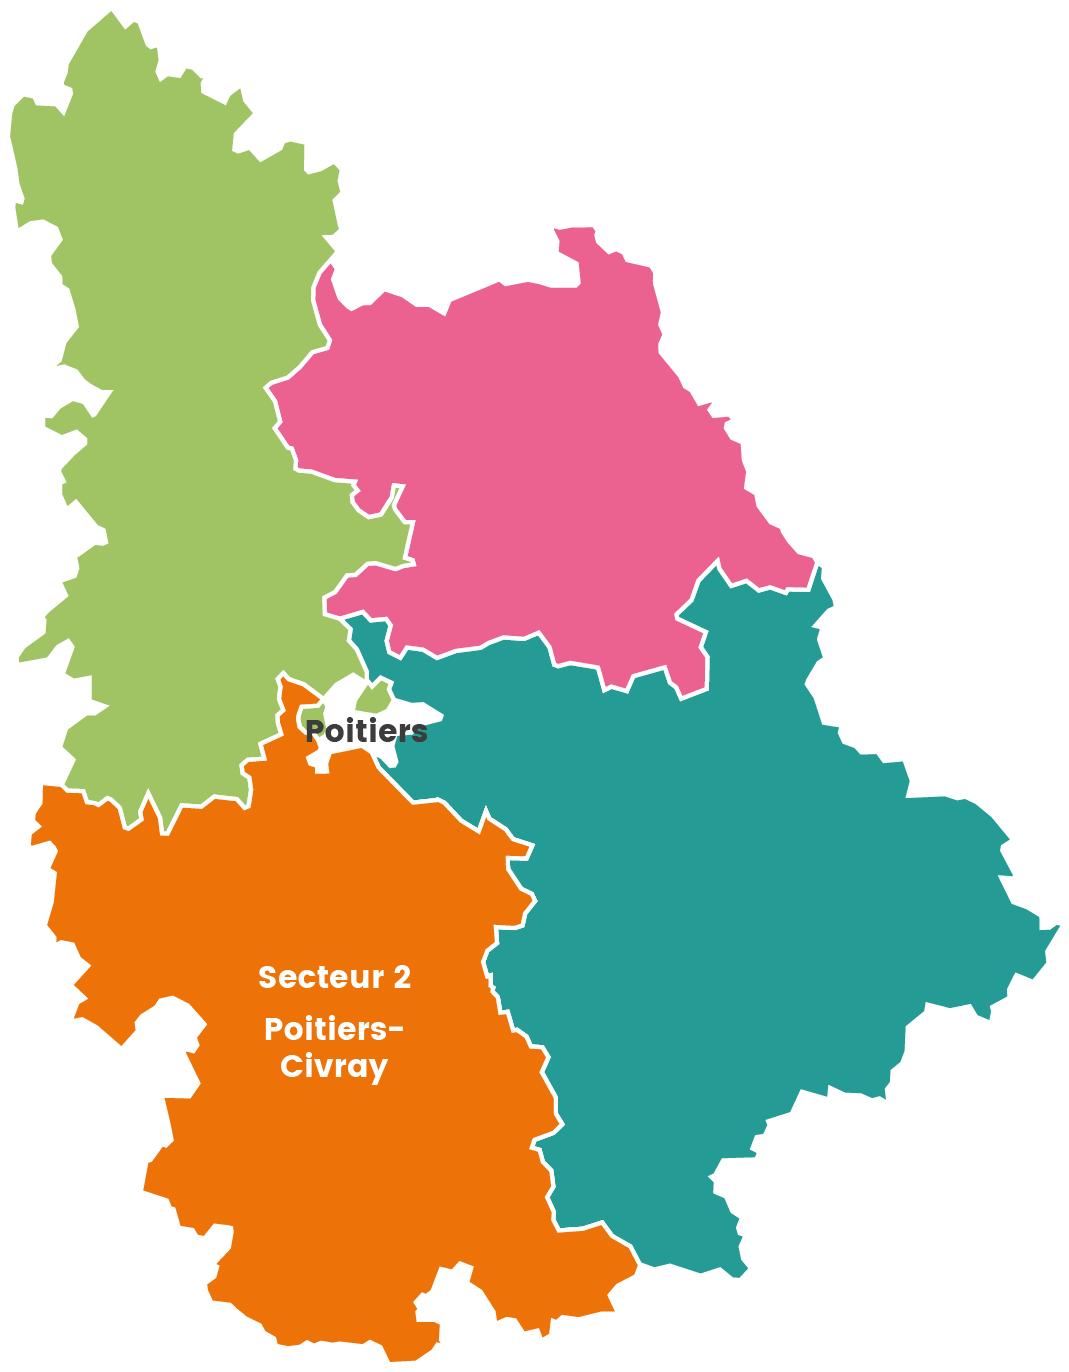 carte vienne secteur 2